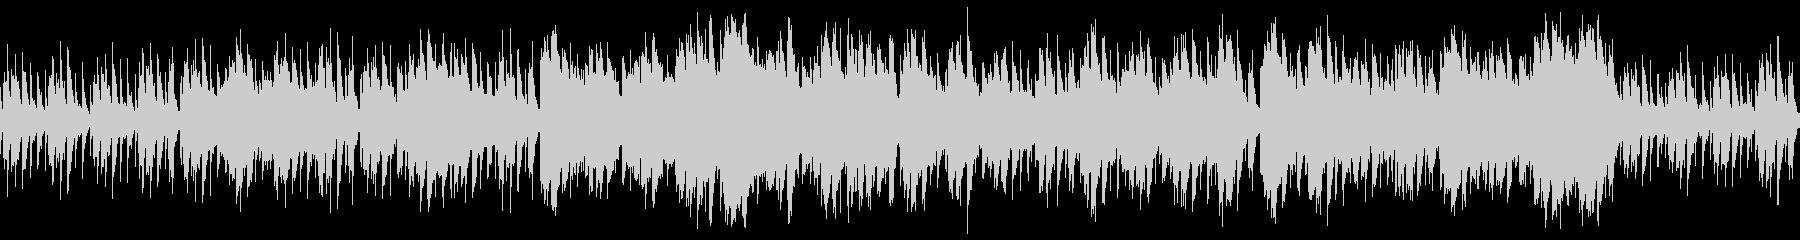 ファンタジー系の民族音楽(ループ可)の未再生の波形